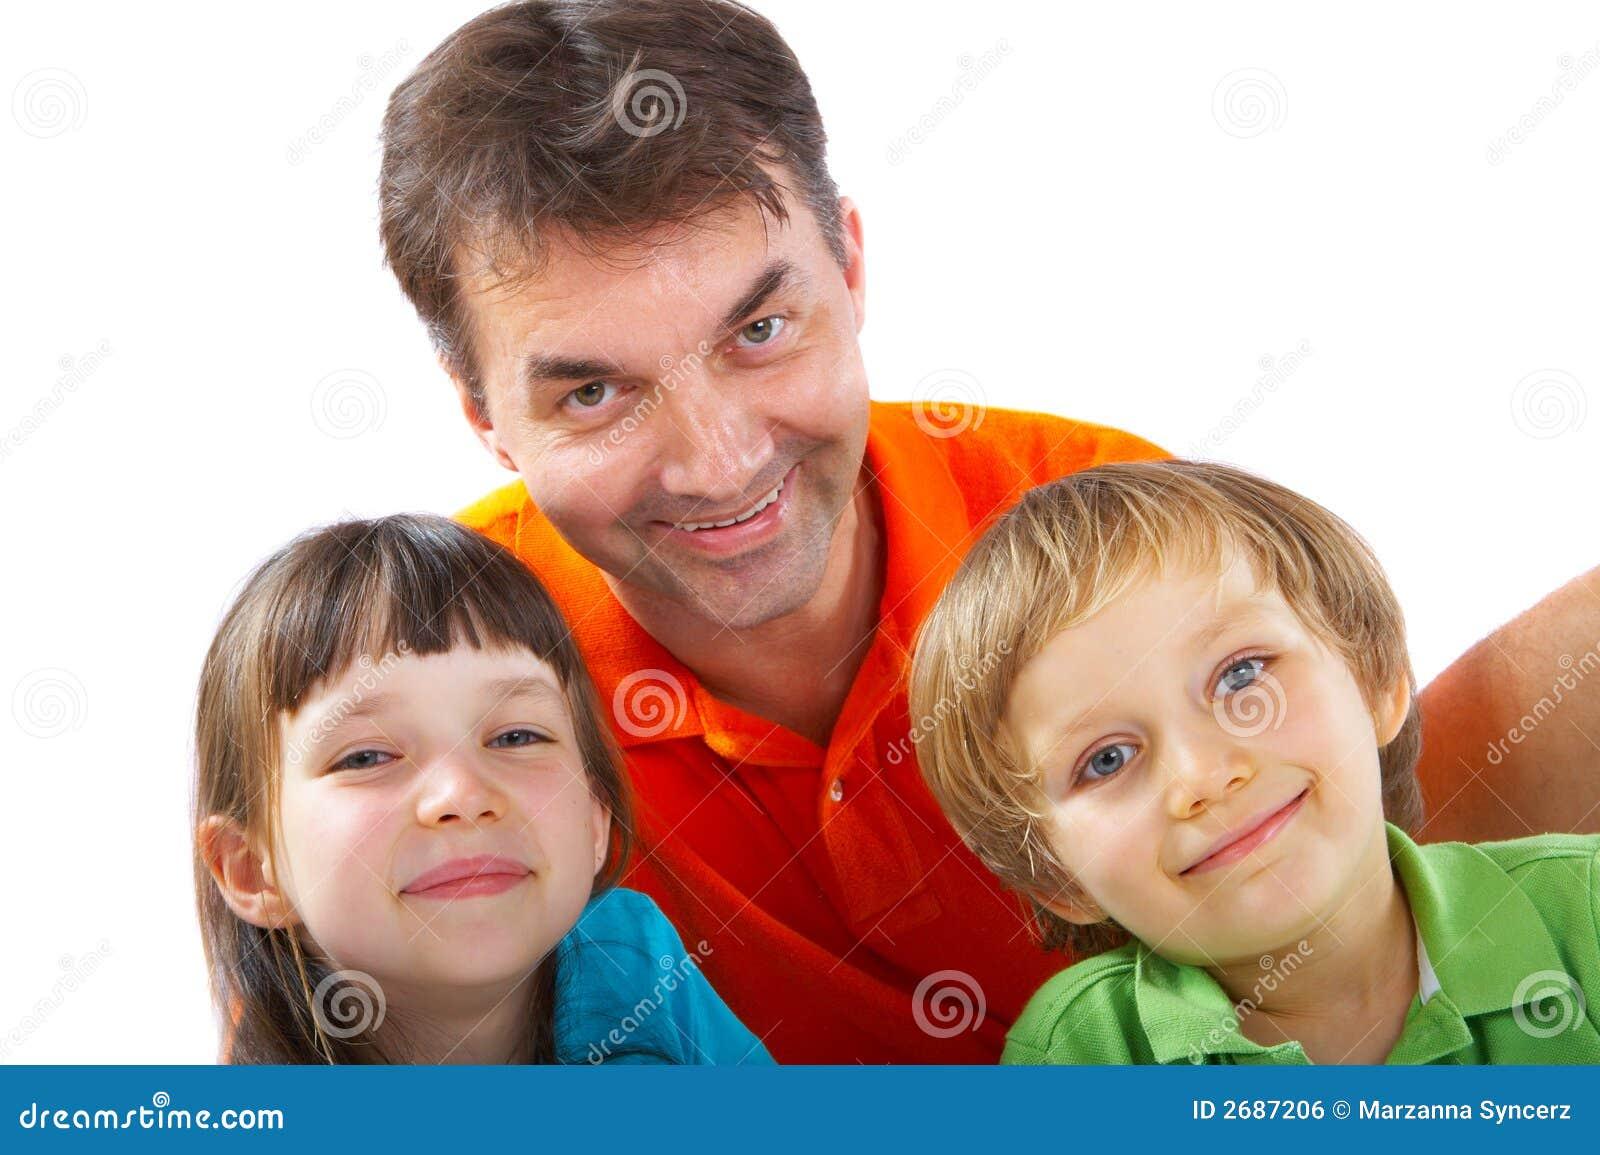 tio y sobrina